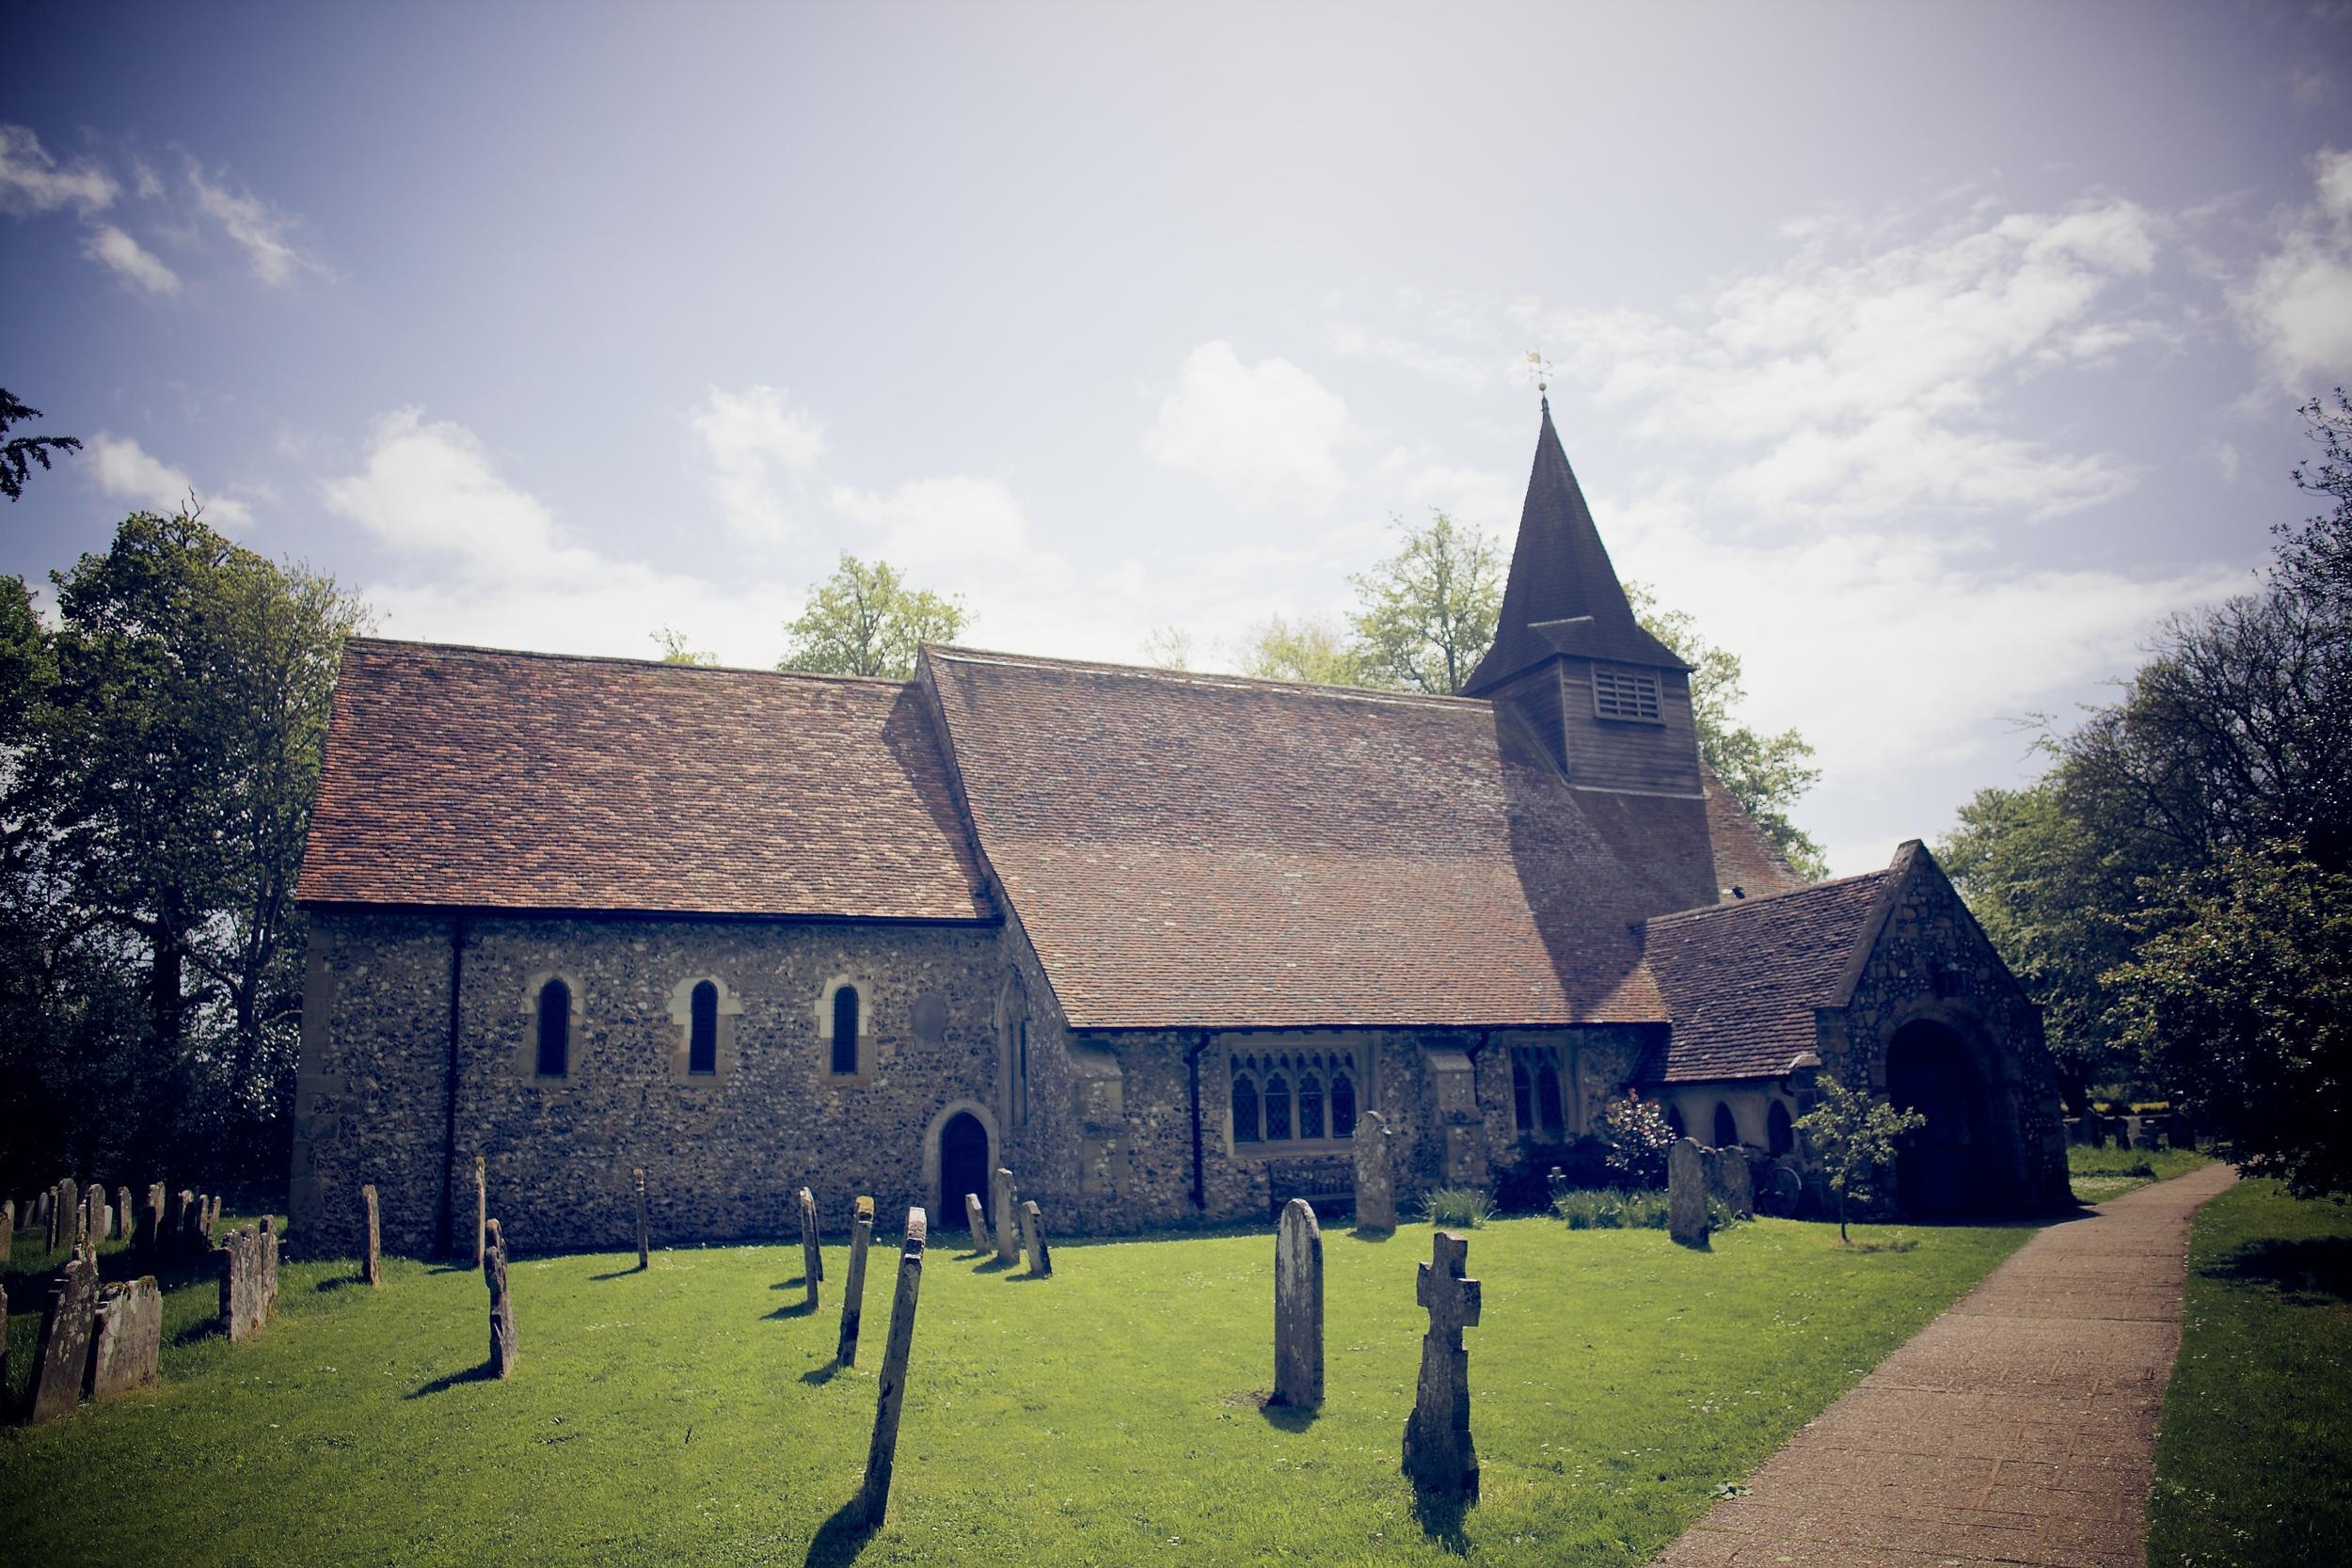 St Mary's Church Walberton